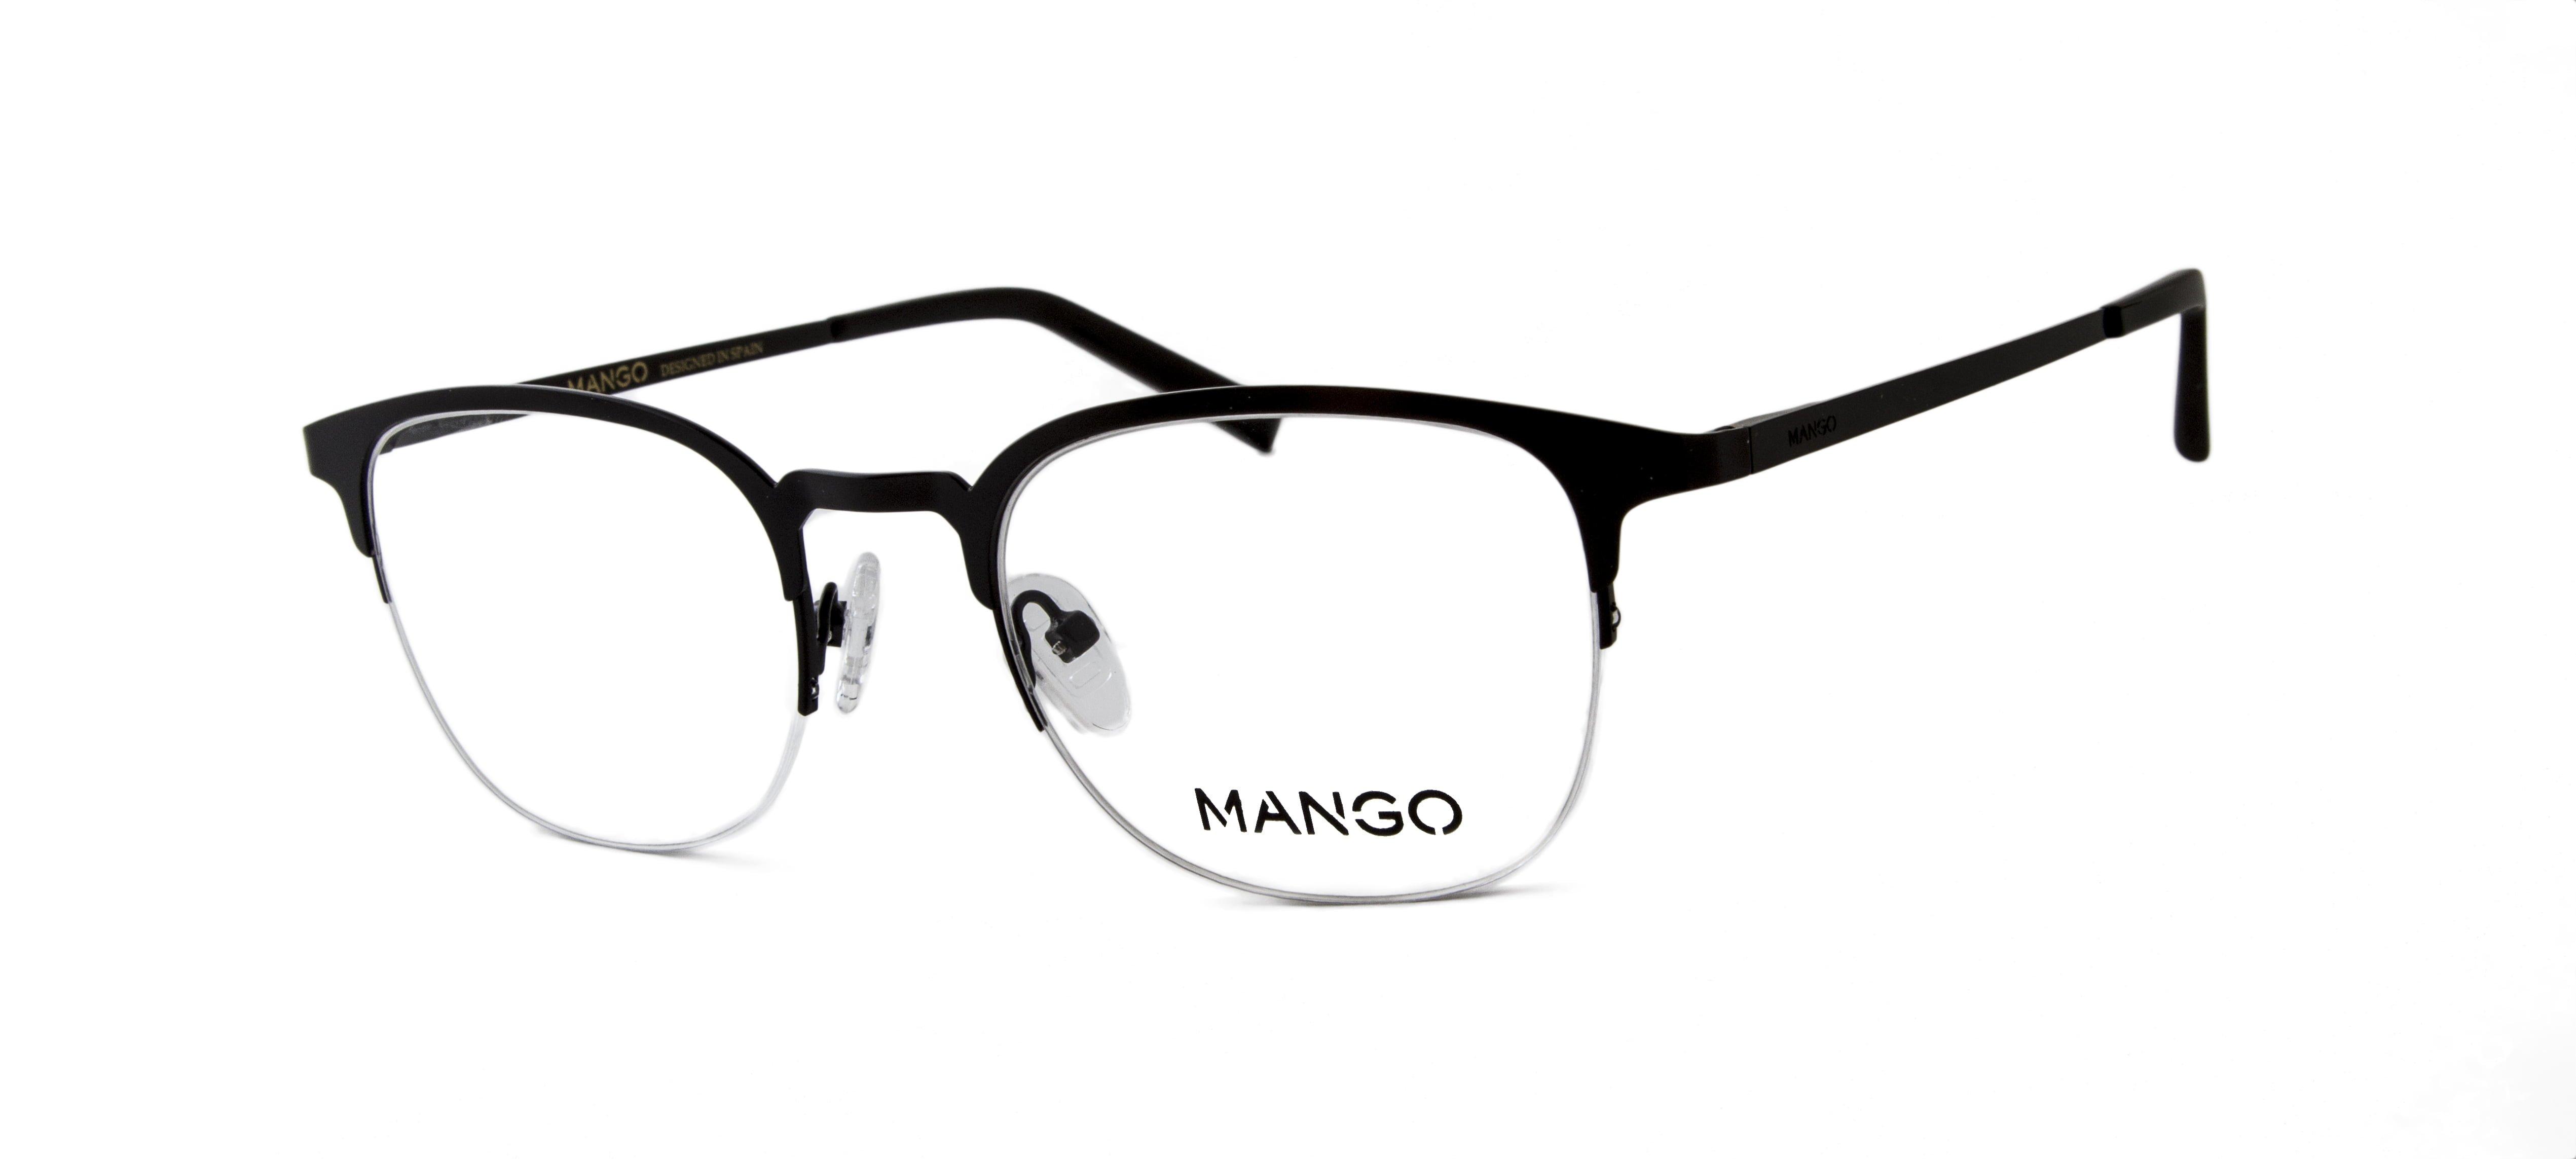 Mango Glasses Mng